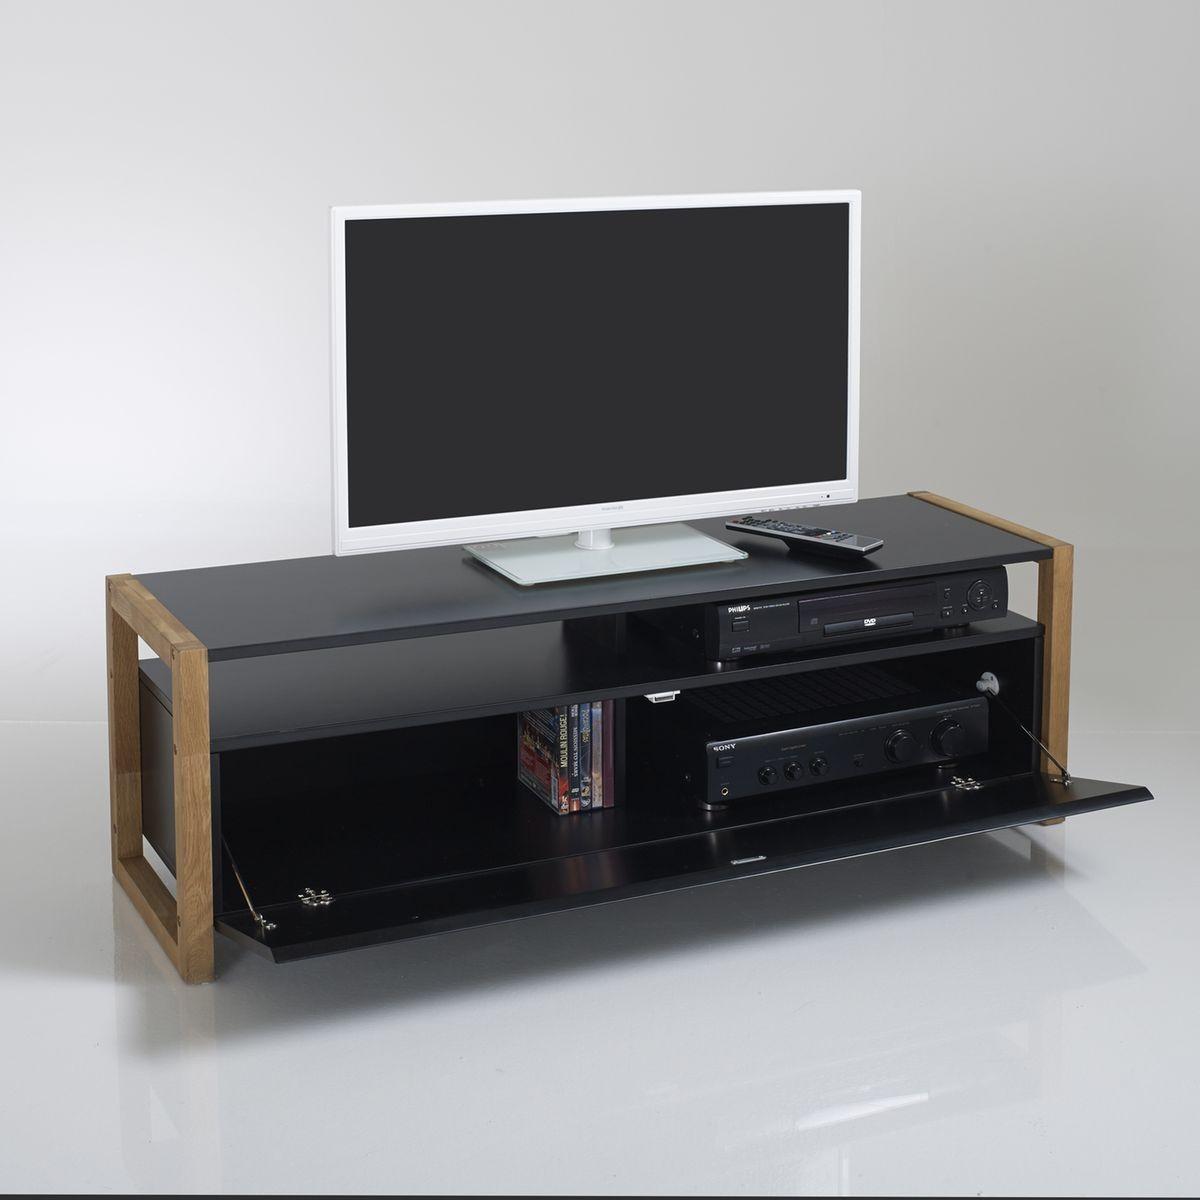 Meuble Tv Grande Taille meuble tv porte abattante, compo - taille : taille unique in